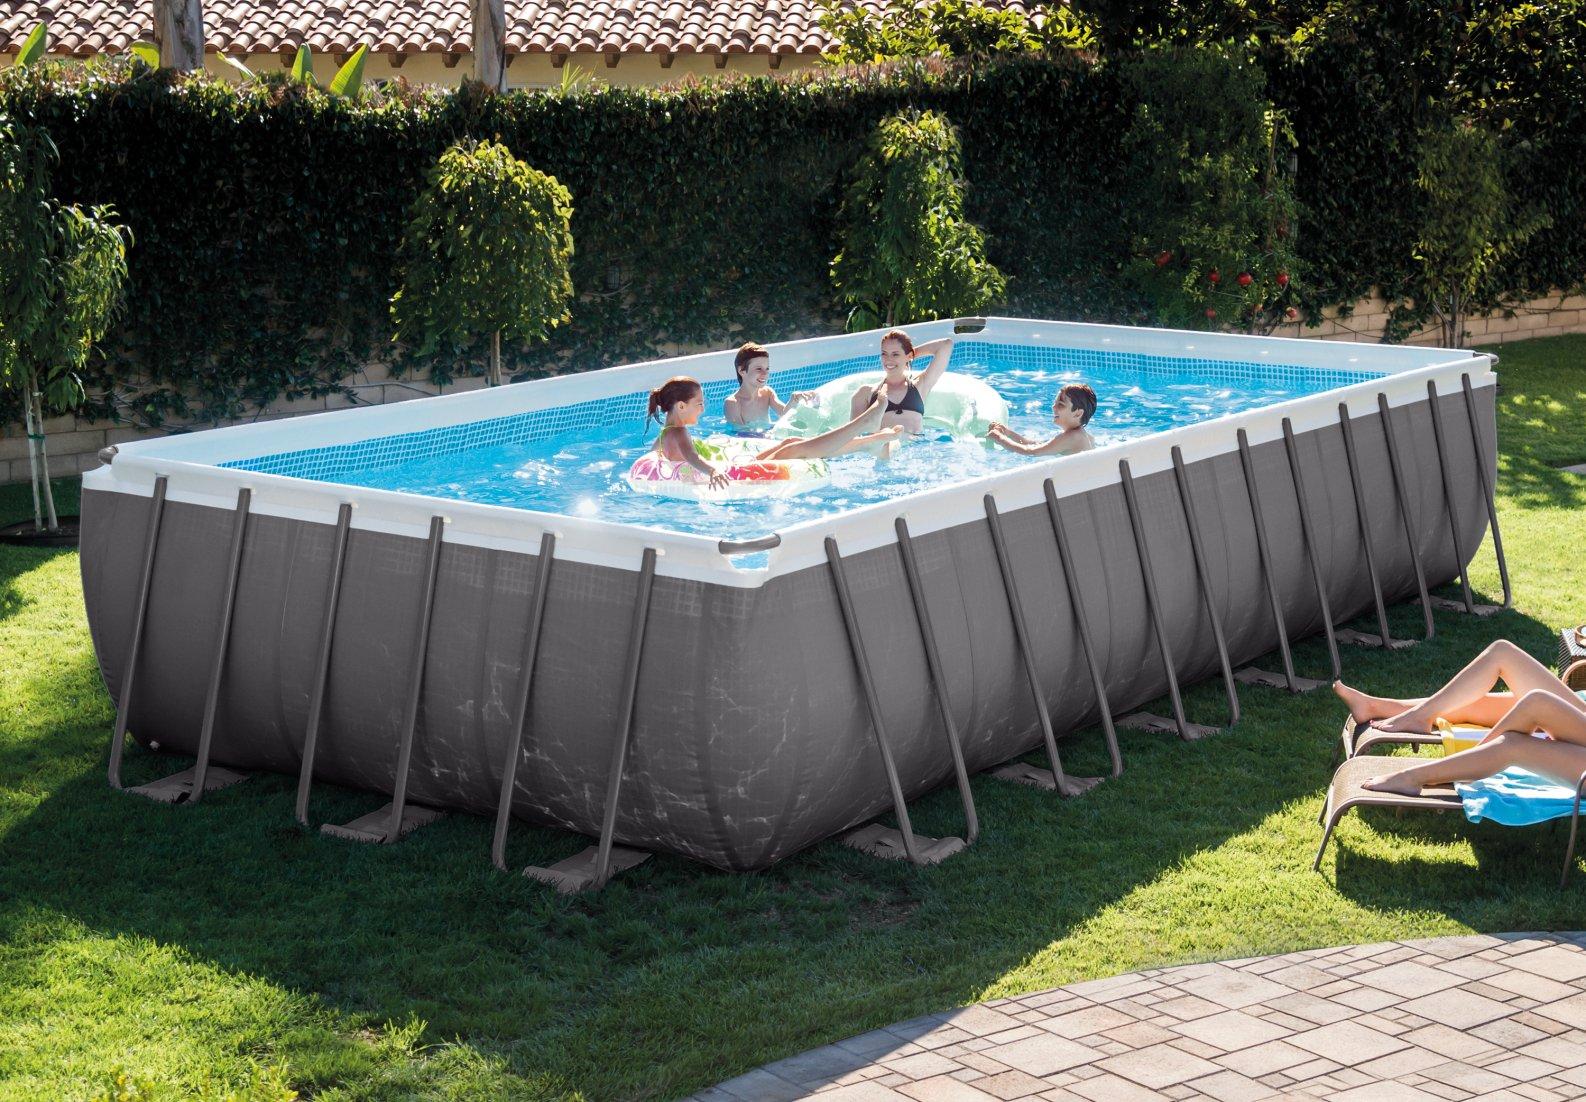 pulizia e manutenzione delle piscine fuori terra rotex